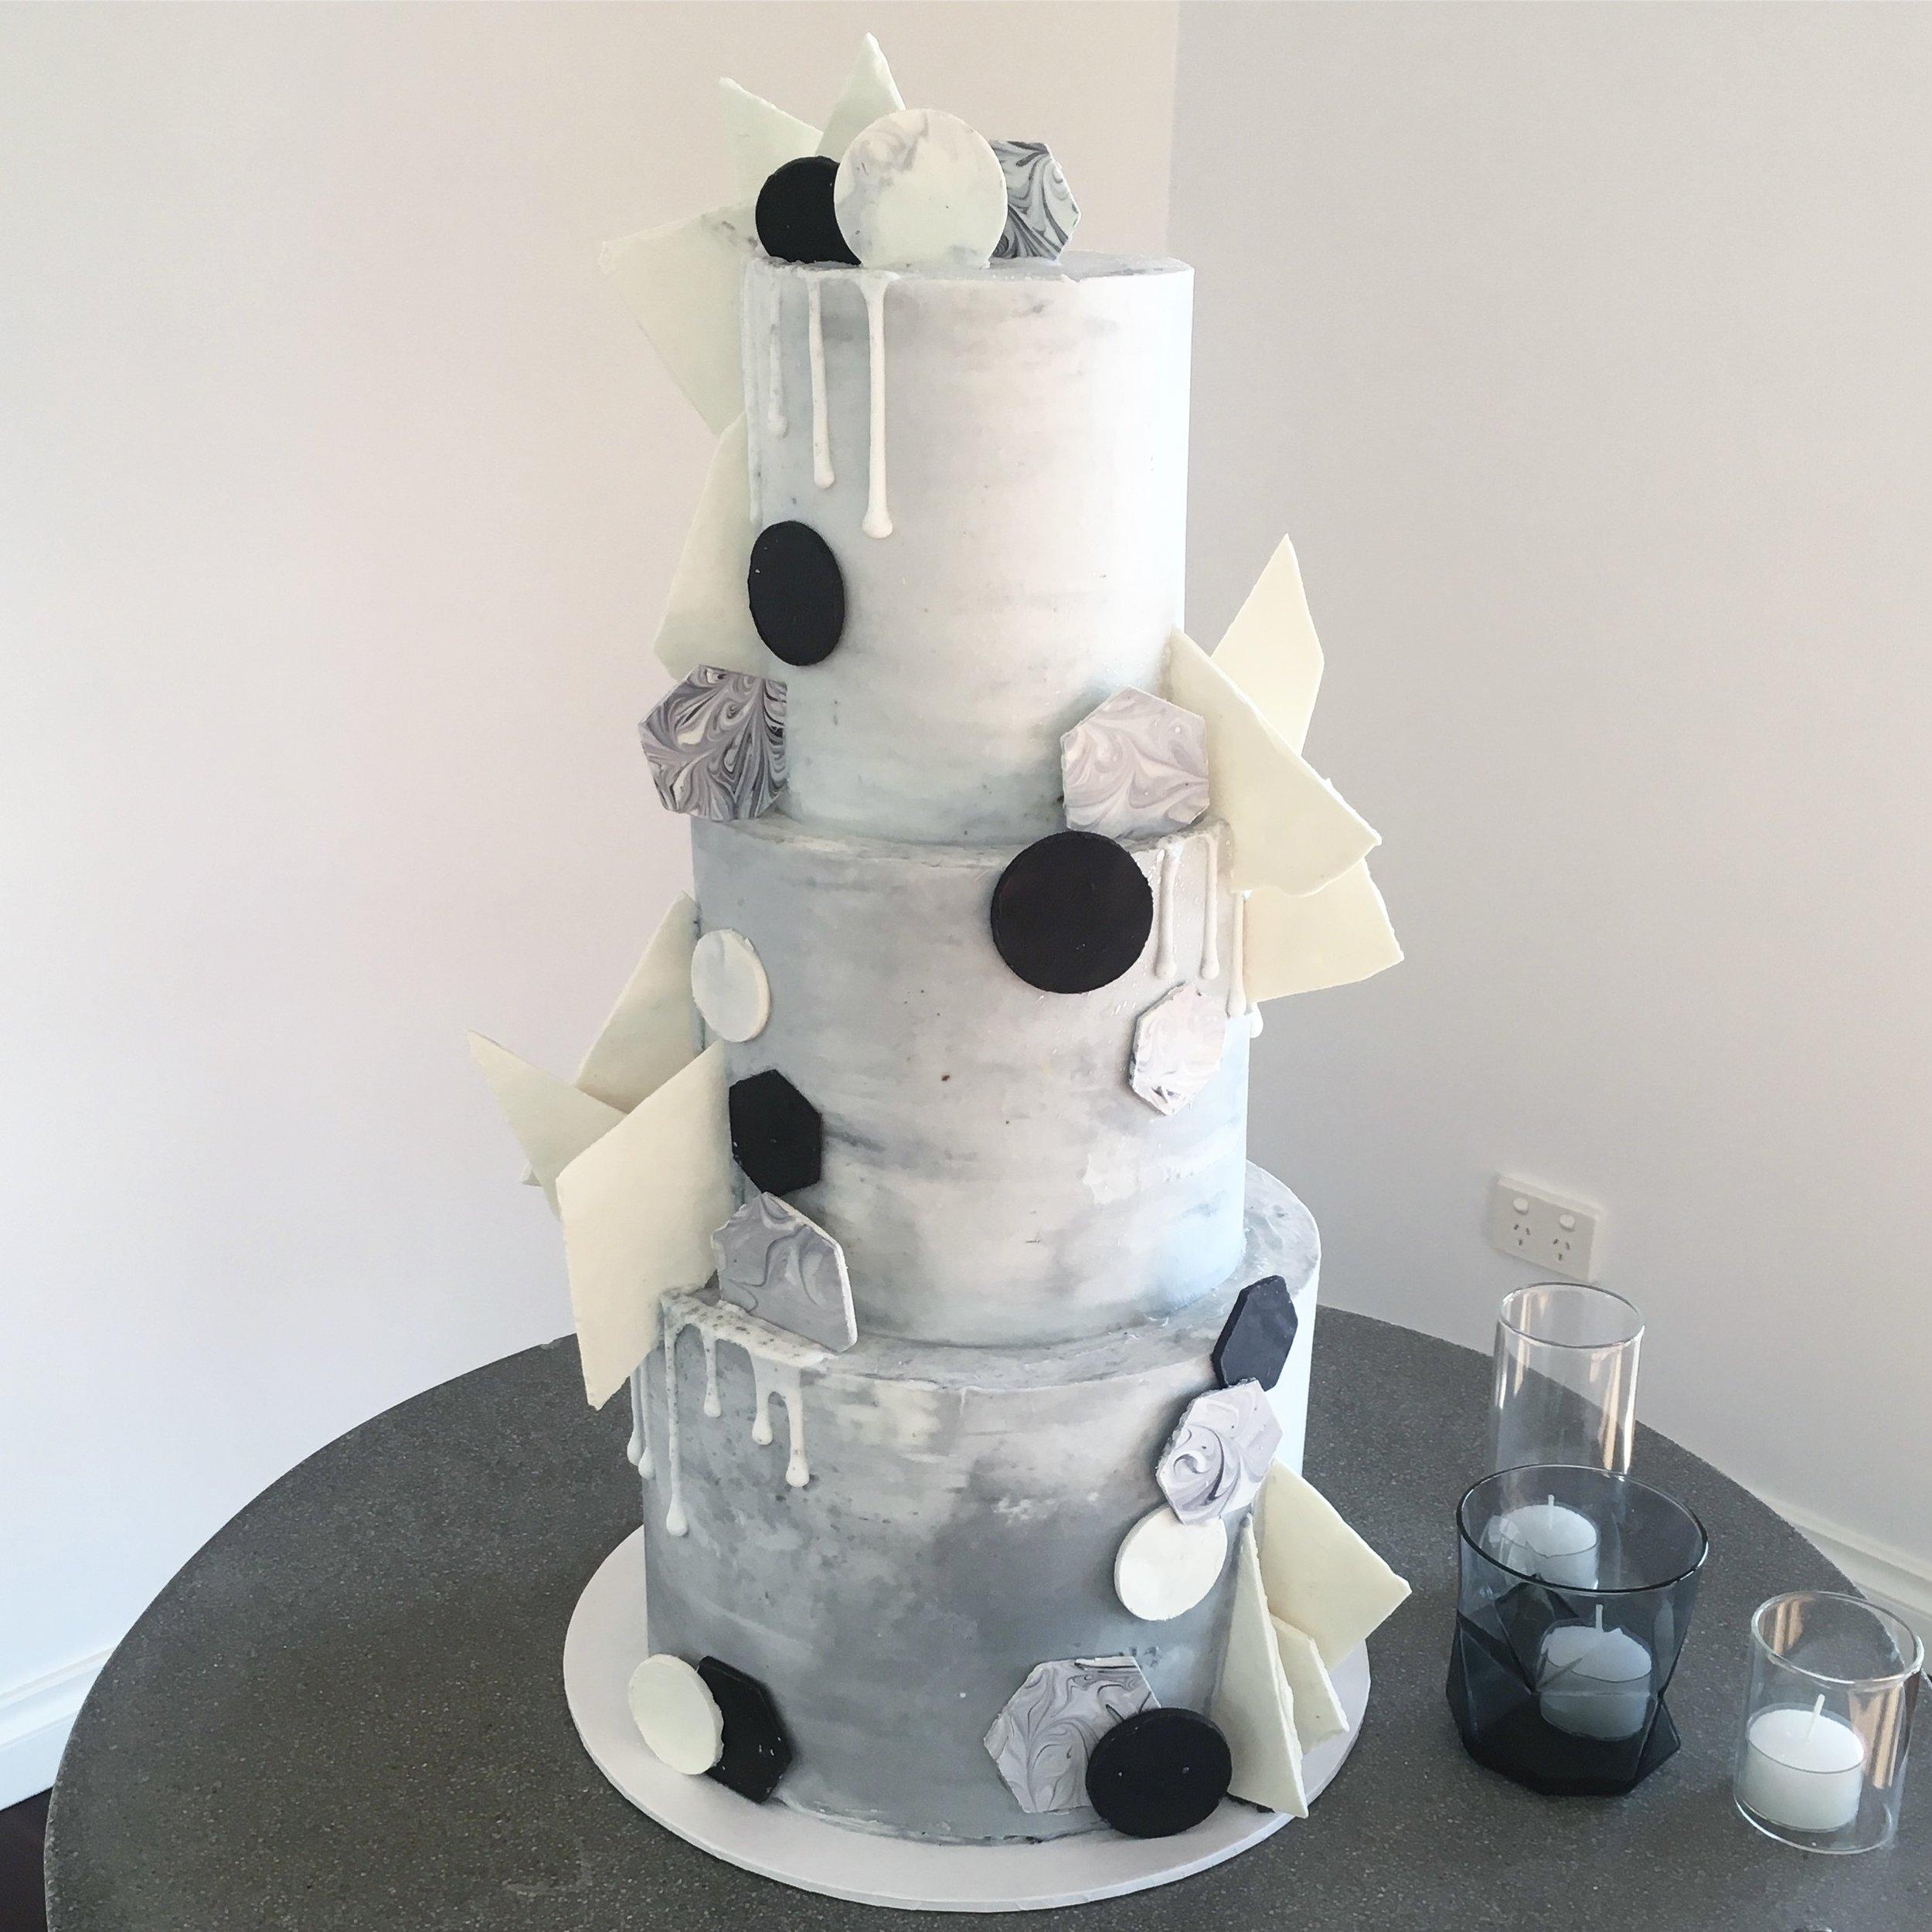 Copy of Concrete Wedding Cake